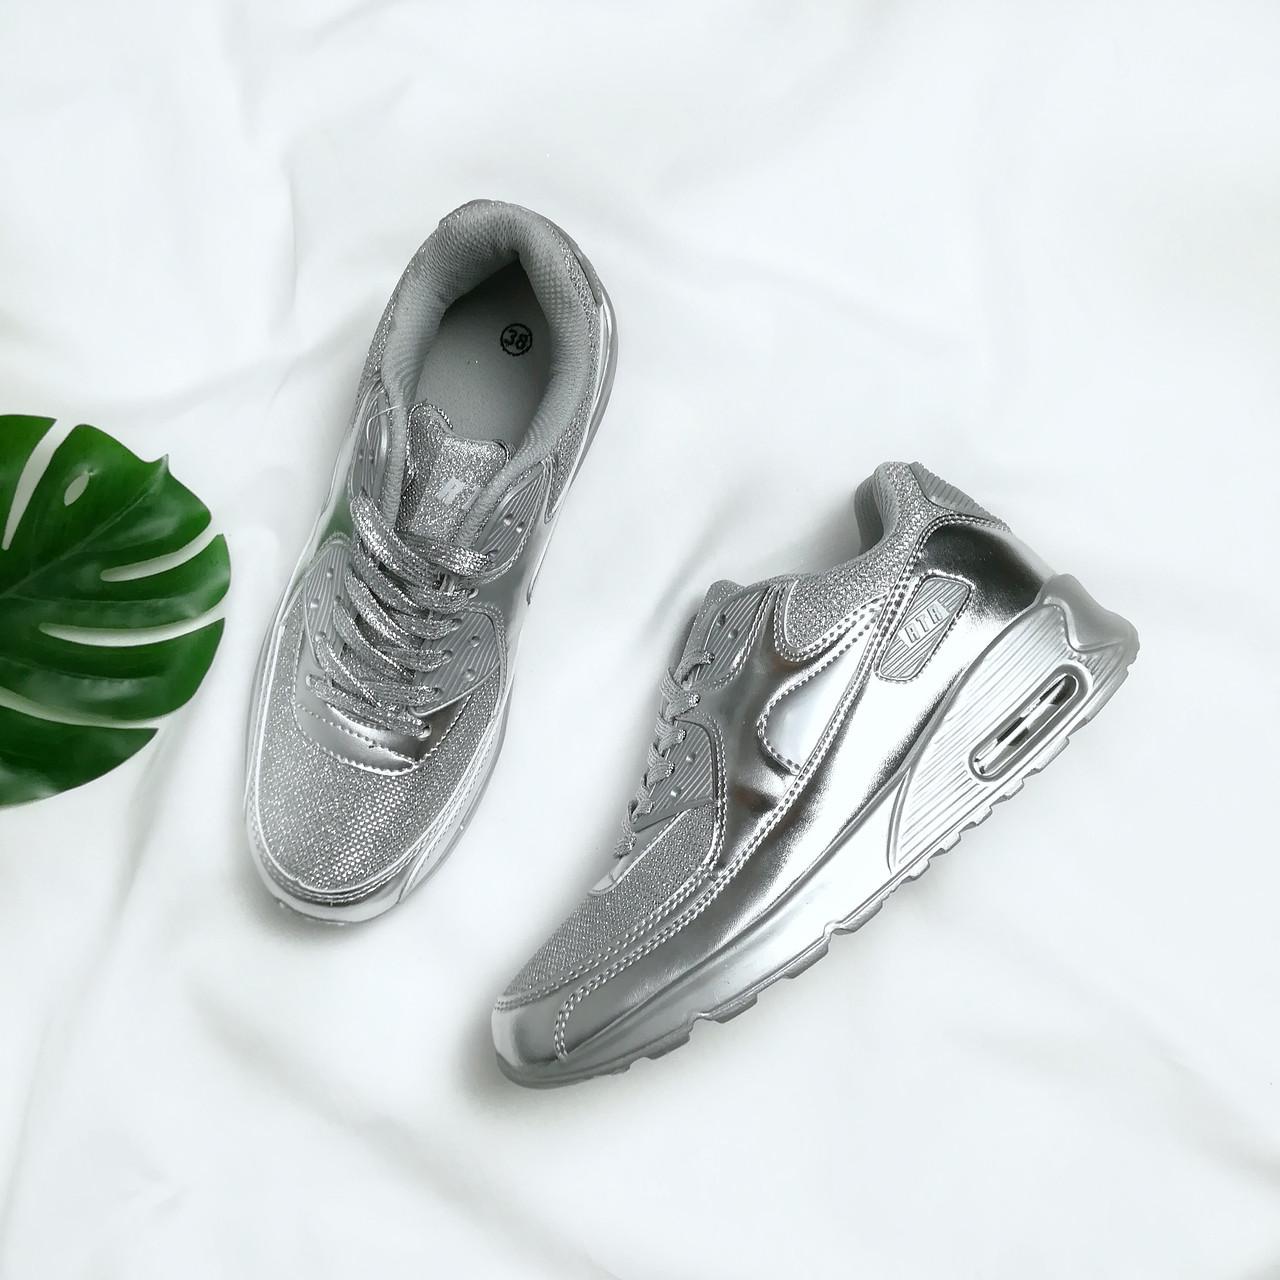 Жіночі кросівки срібні металік женские кроссовки  продажа 0b386b0efd51a